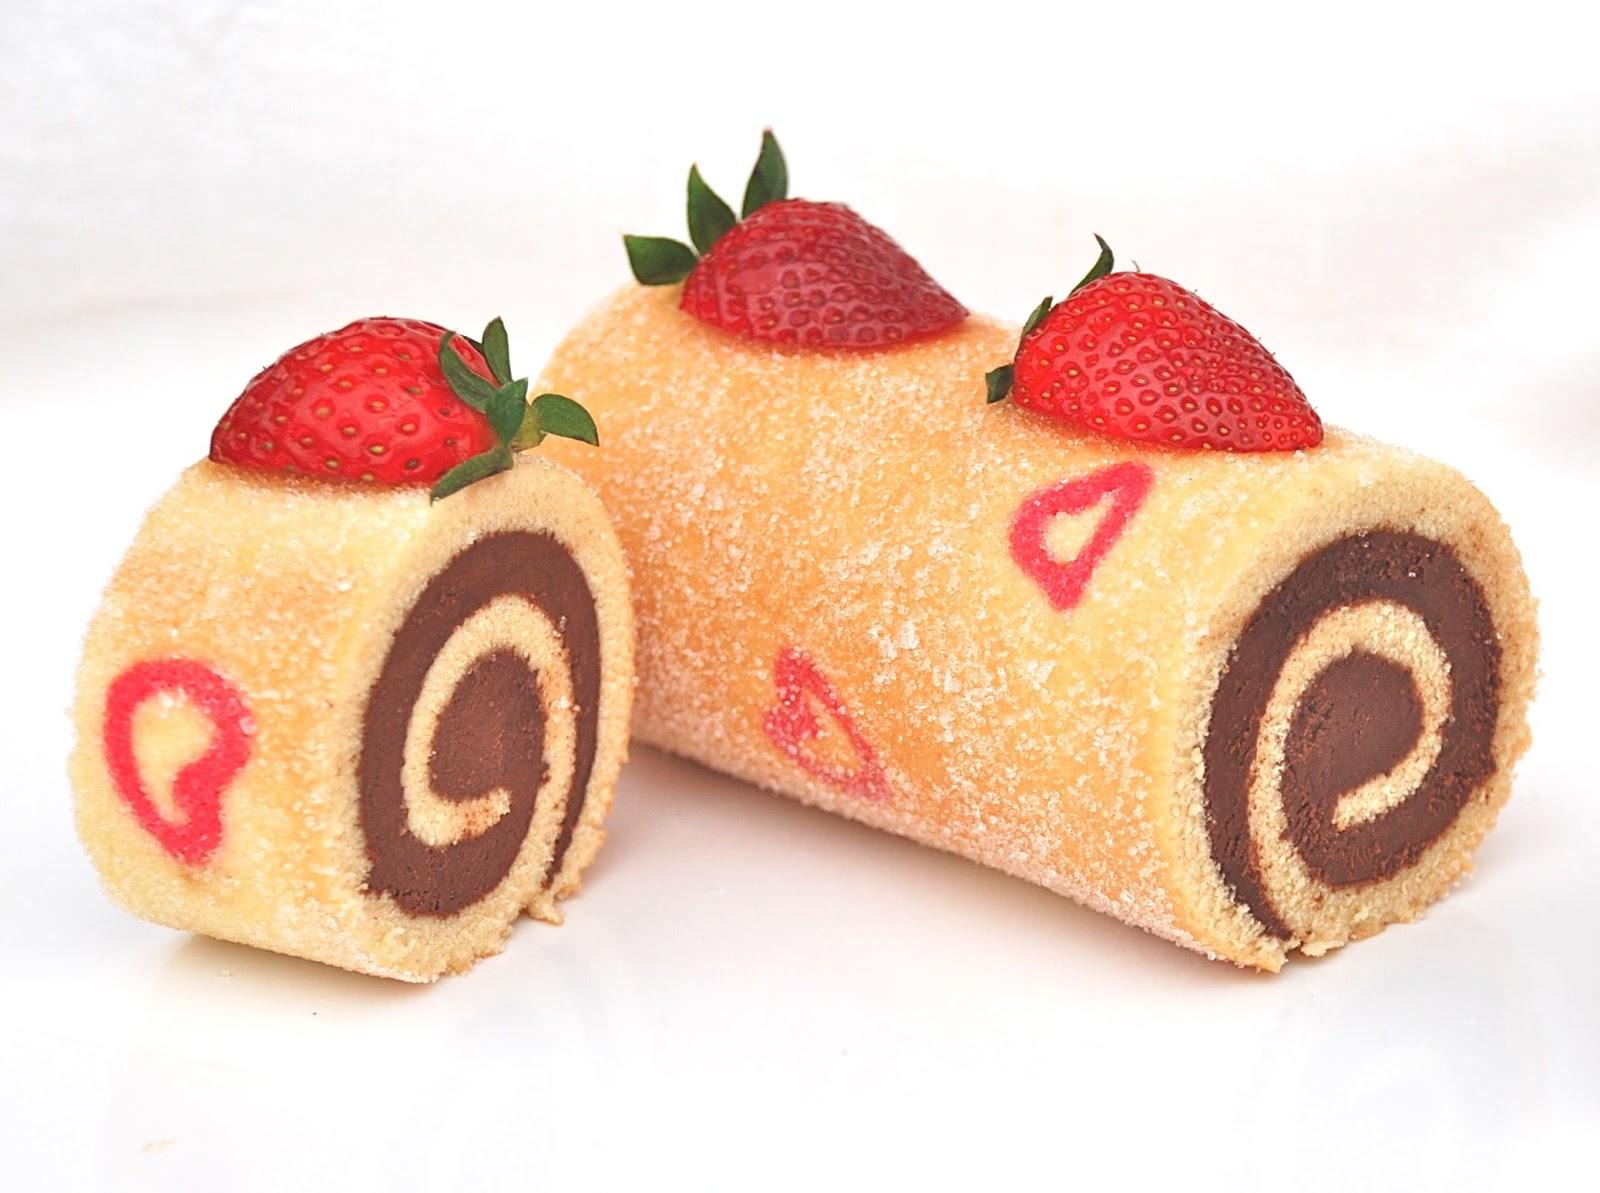 Rollo de chocolate con corazones - San Valentin - Dulces bocados